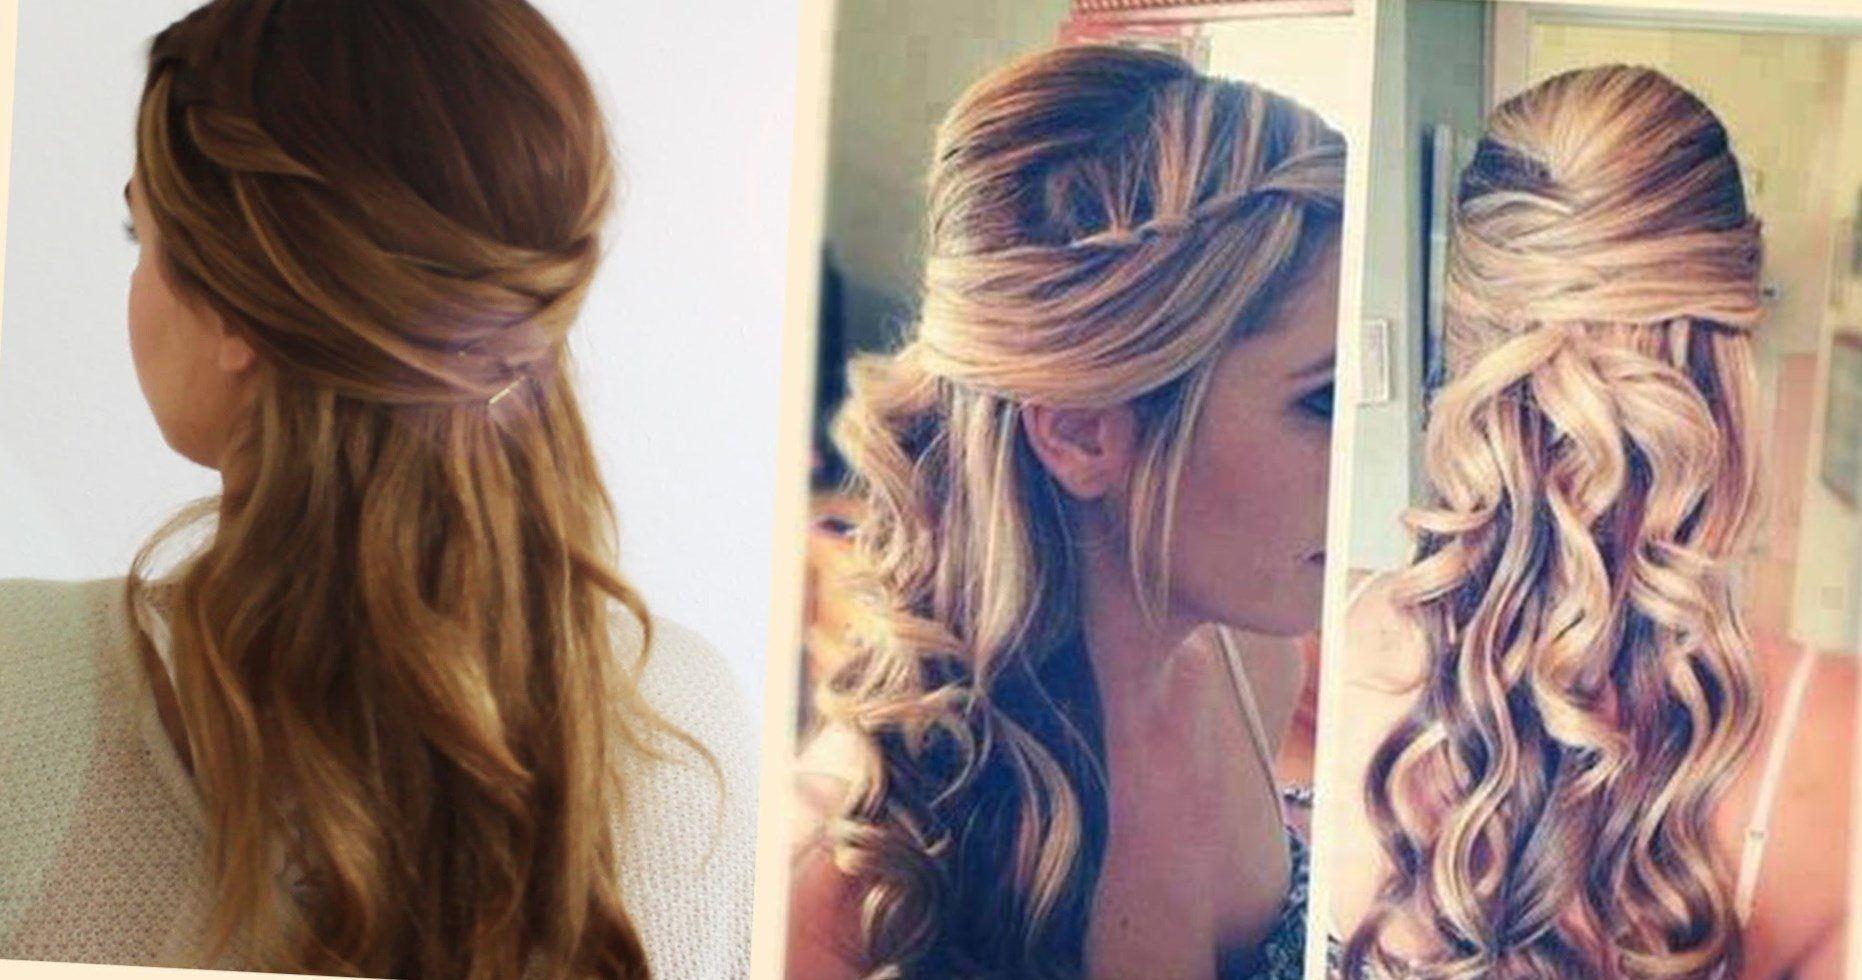 Festliche Frisuren Konfirmation Haarfrisuren Zum Selber Machen